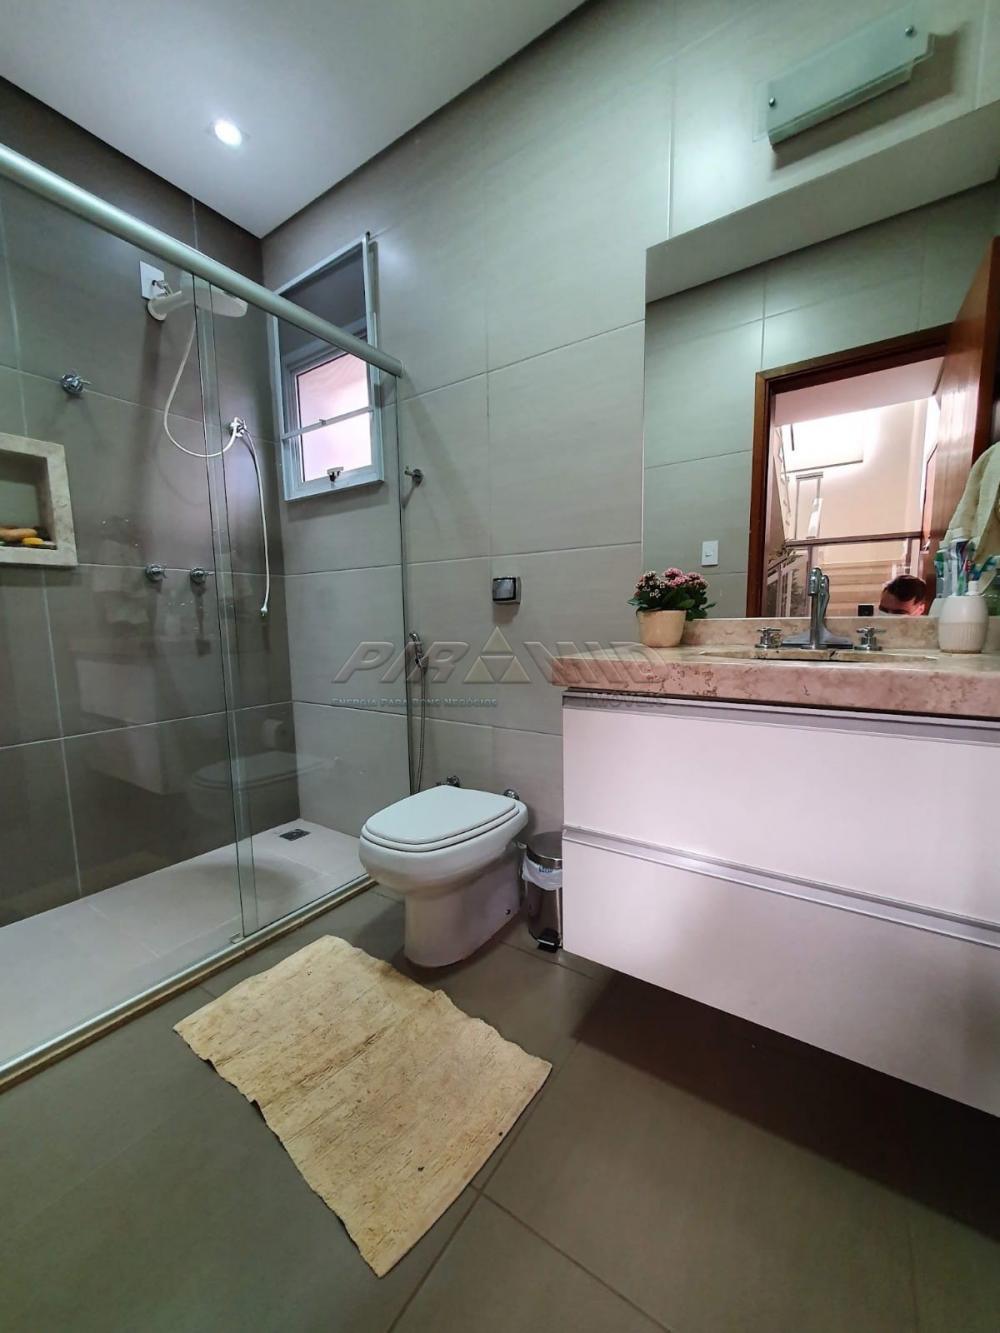 Comprar Casa / Condomínio em Ribeirão Preto R$ 980.000,00 - Foto 14